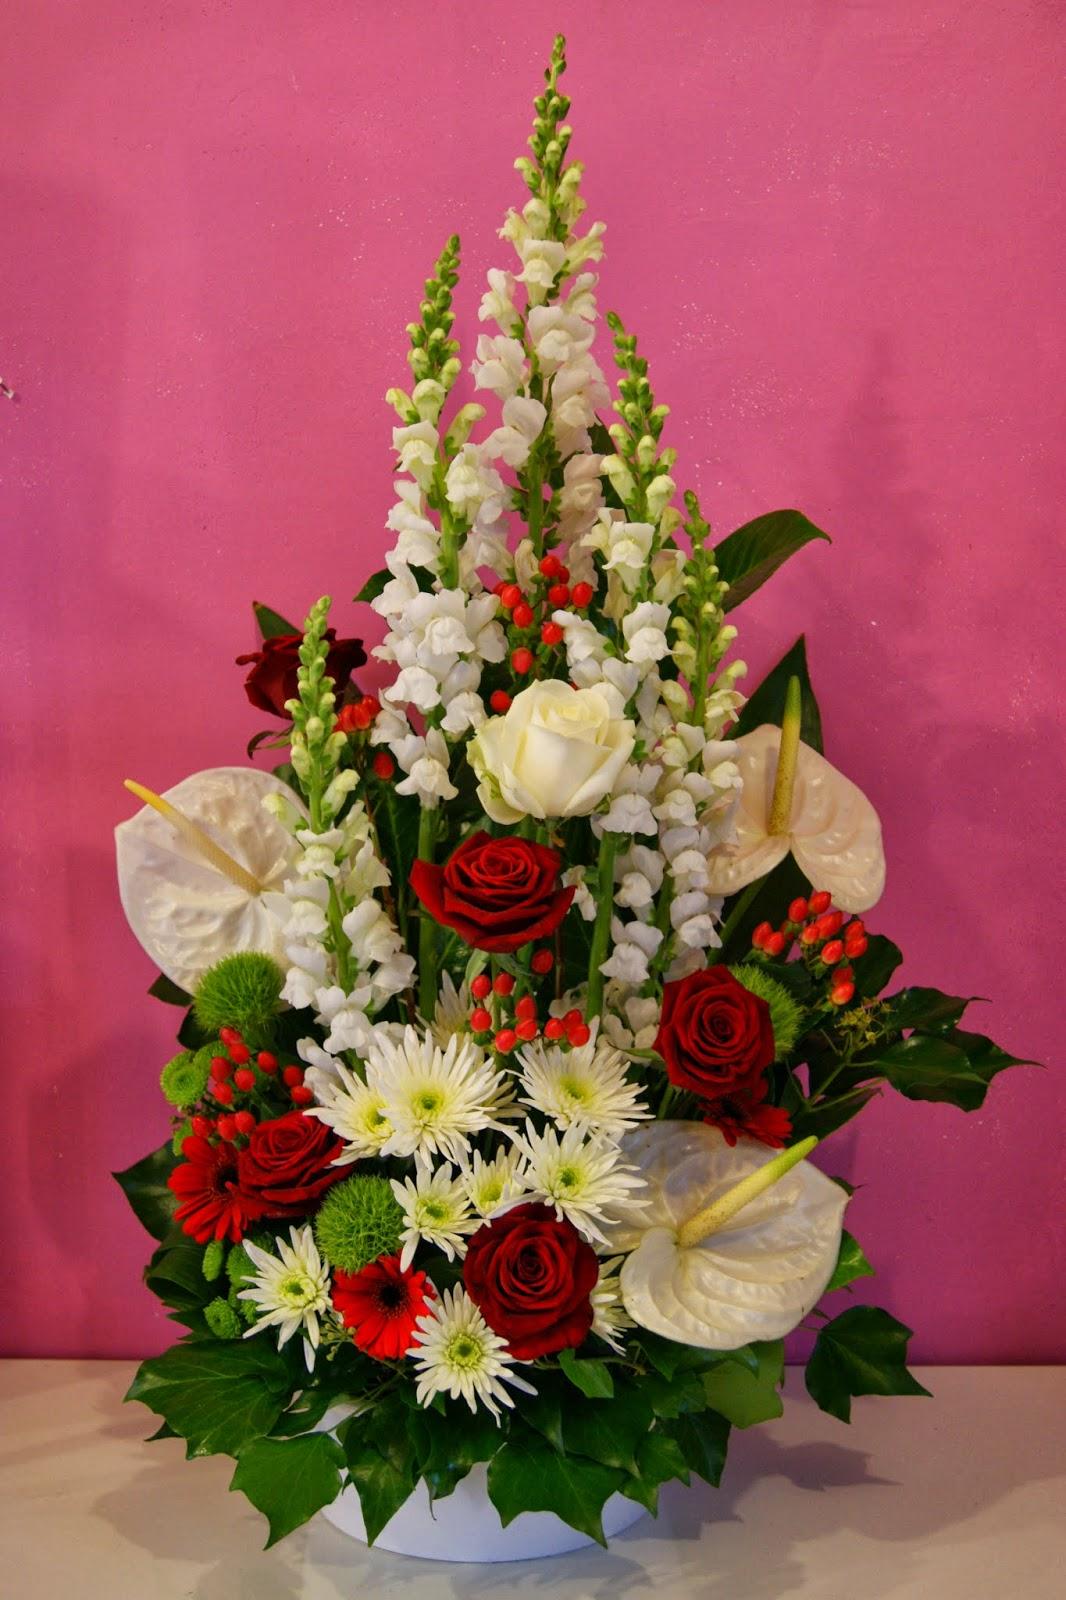 des magnolias sur ma voie lact e composition en hauteur mariage rouge blanc. Black Bedroom Furniture Sets. Home Design Ideas